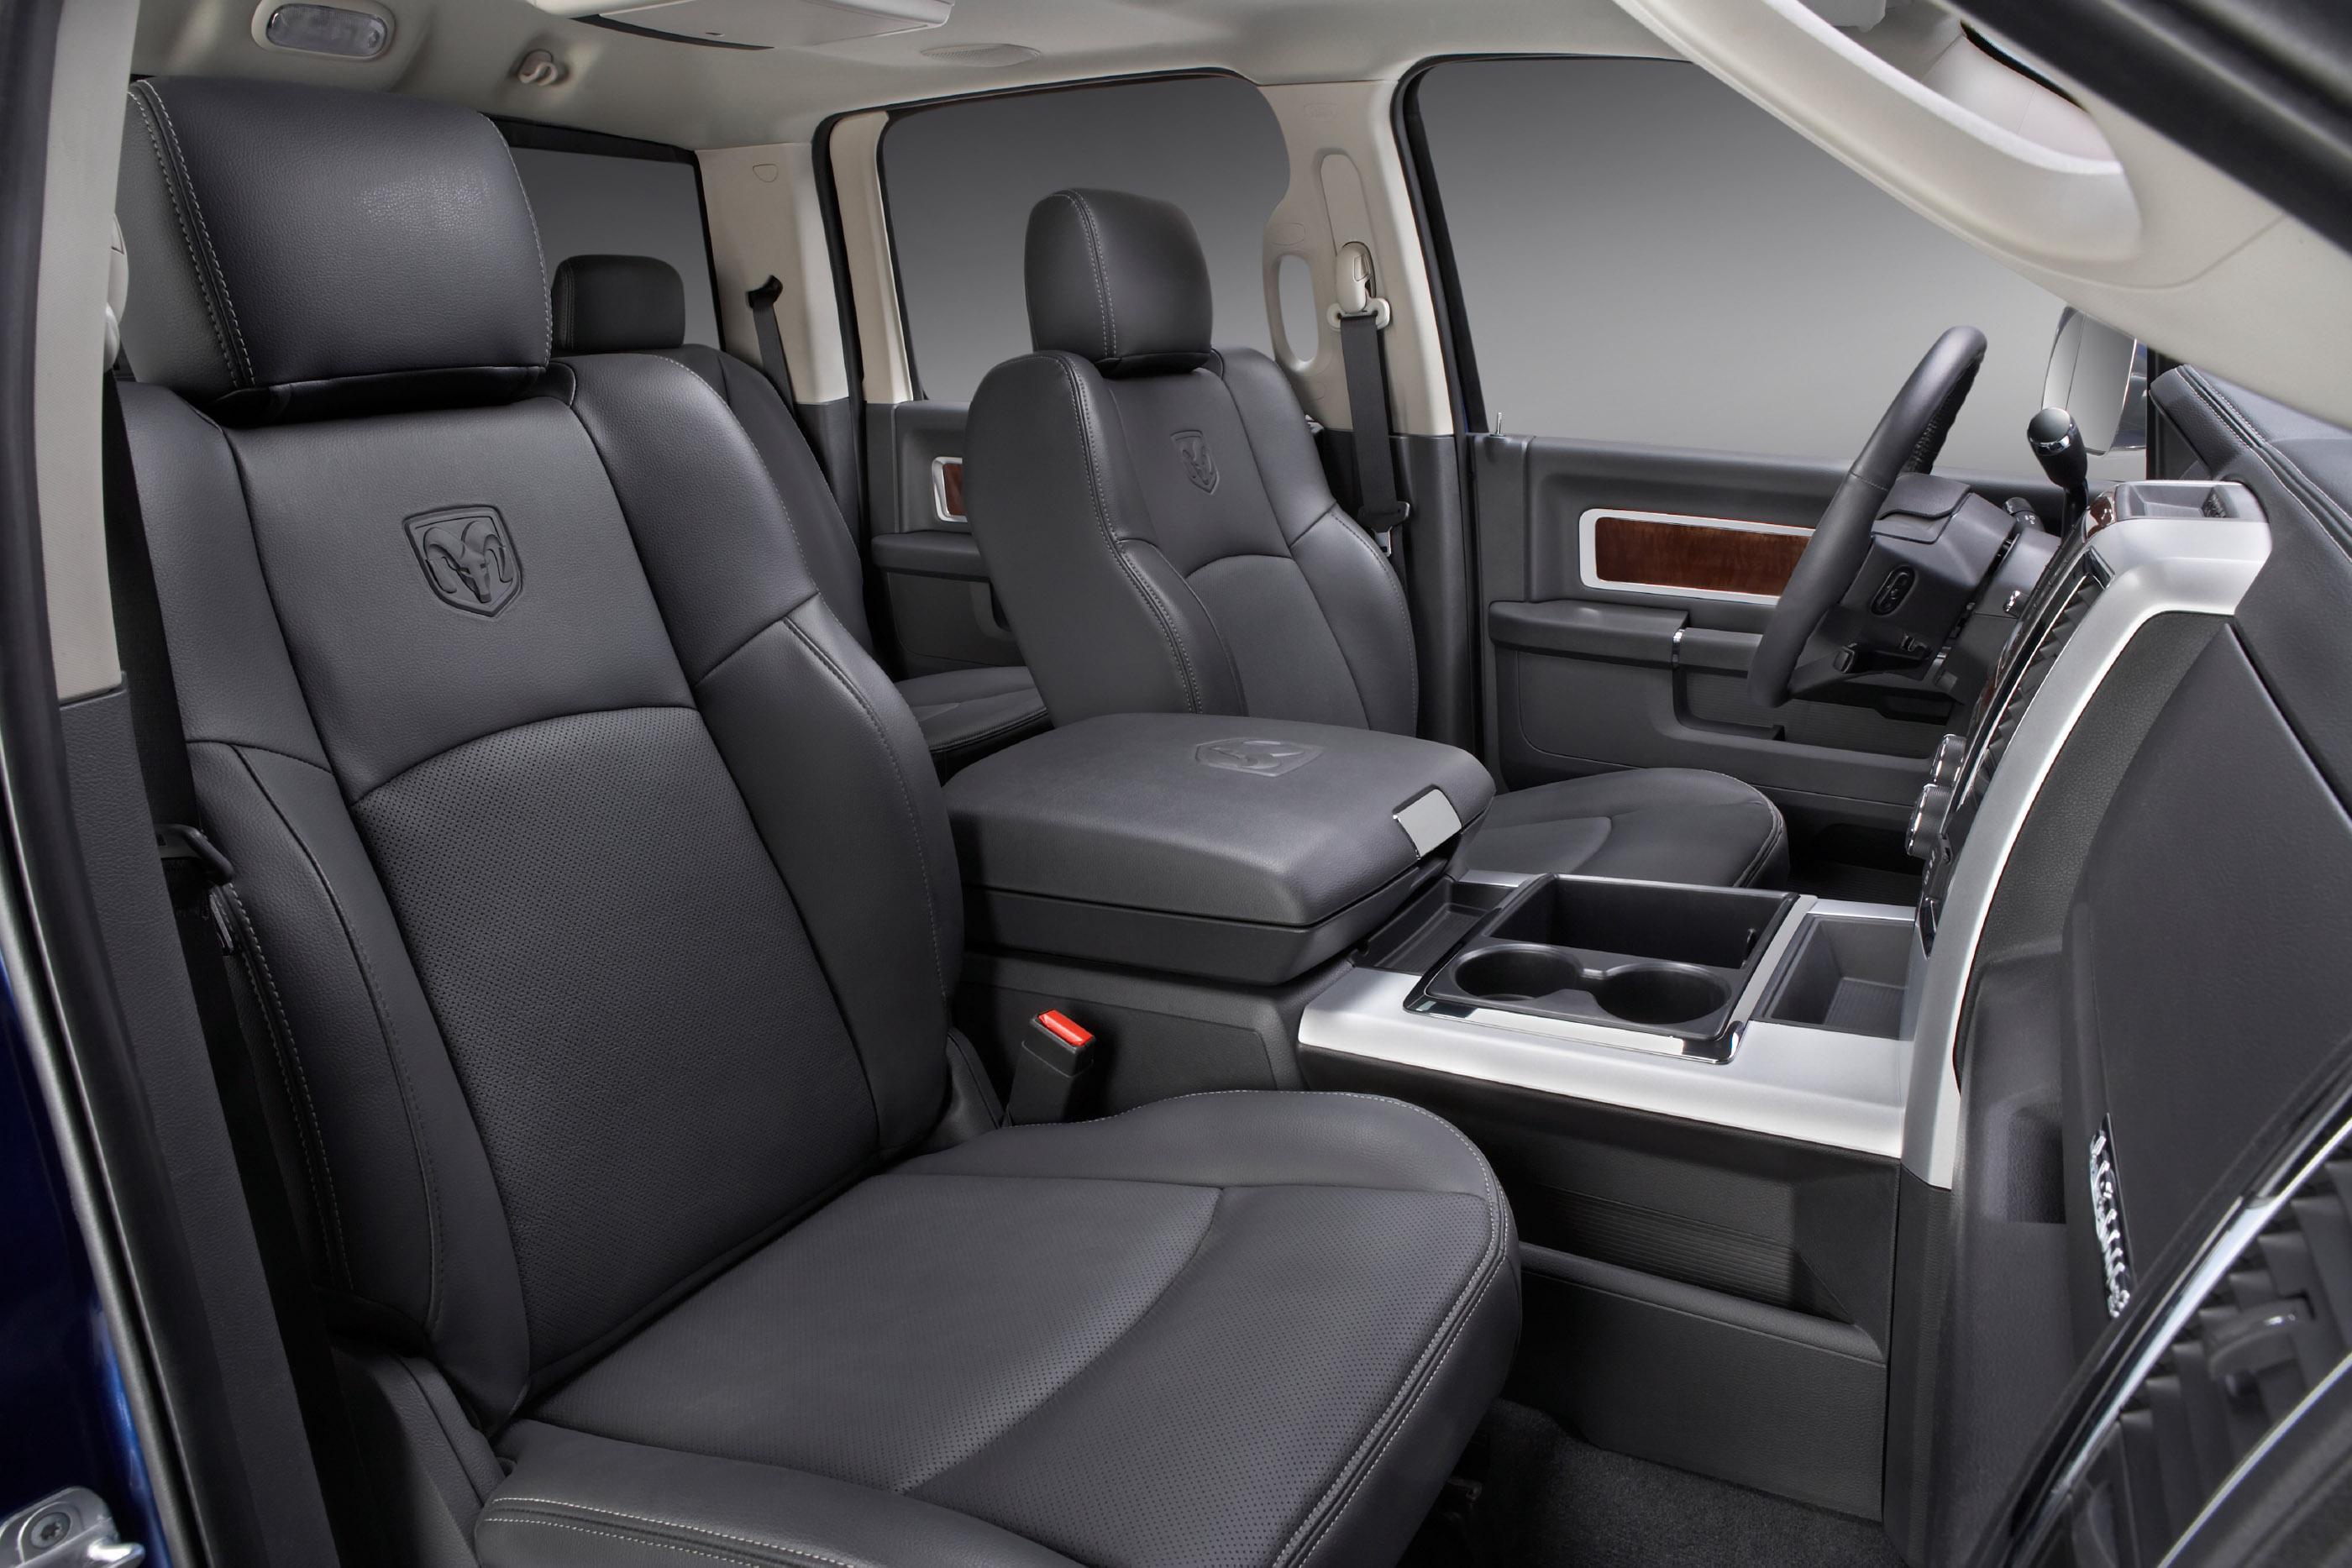 2004 Dodge Ram 2500 Interior Accessories